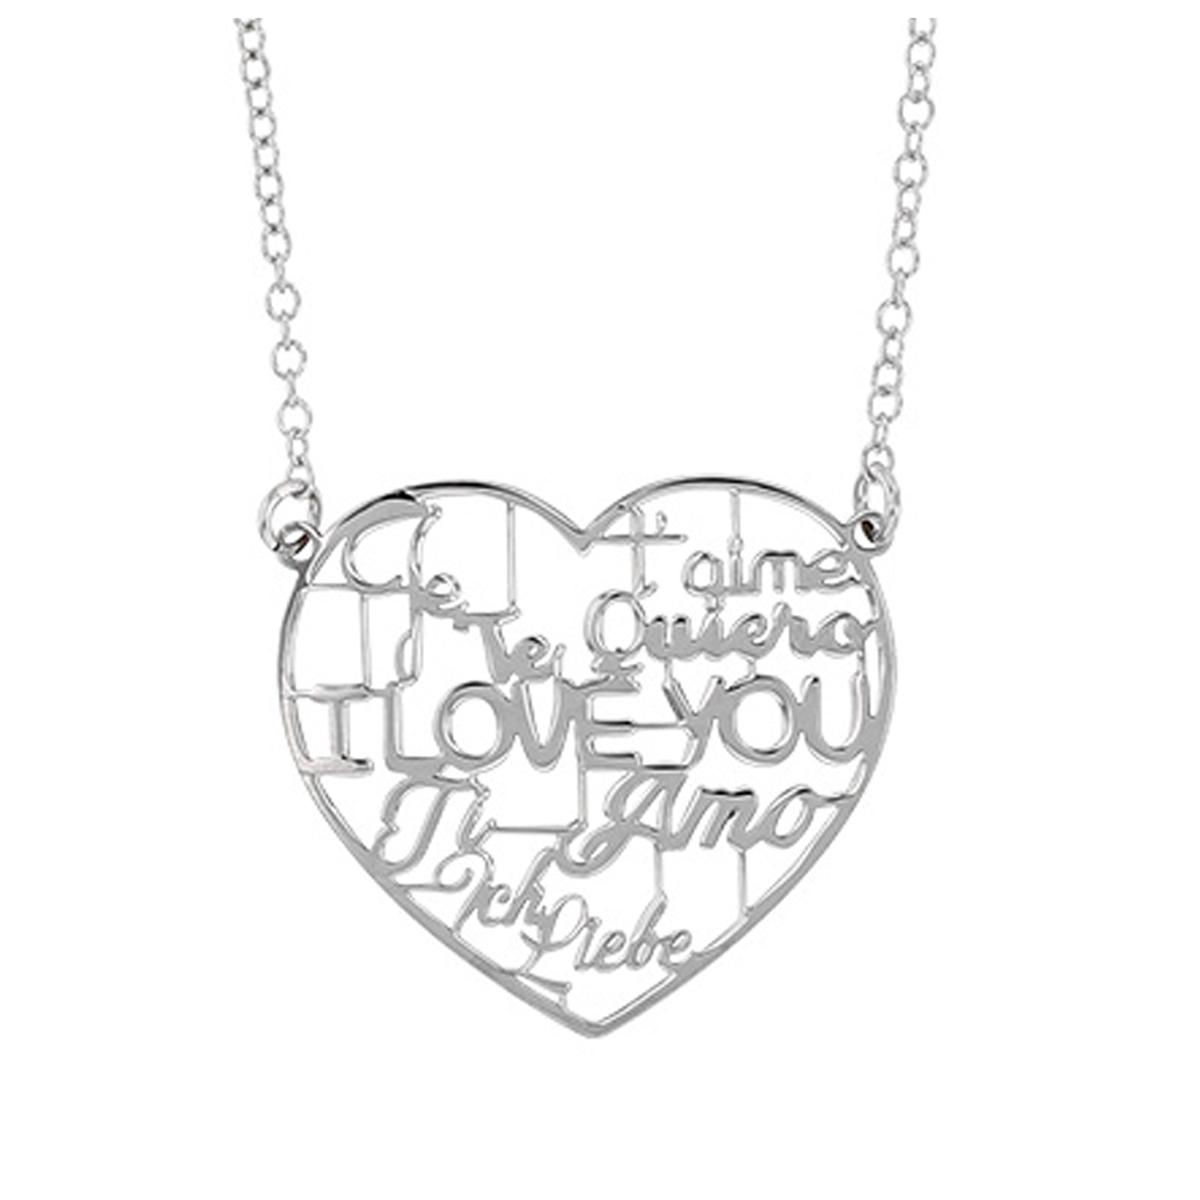 Collier Argent artisanal \'Love\' argenté (rhodié) - 26x25 mm (I love you) - [Q9378]